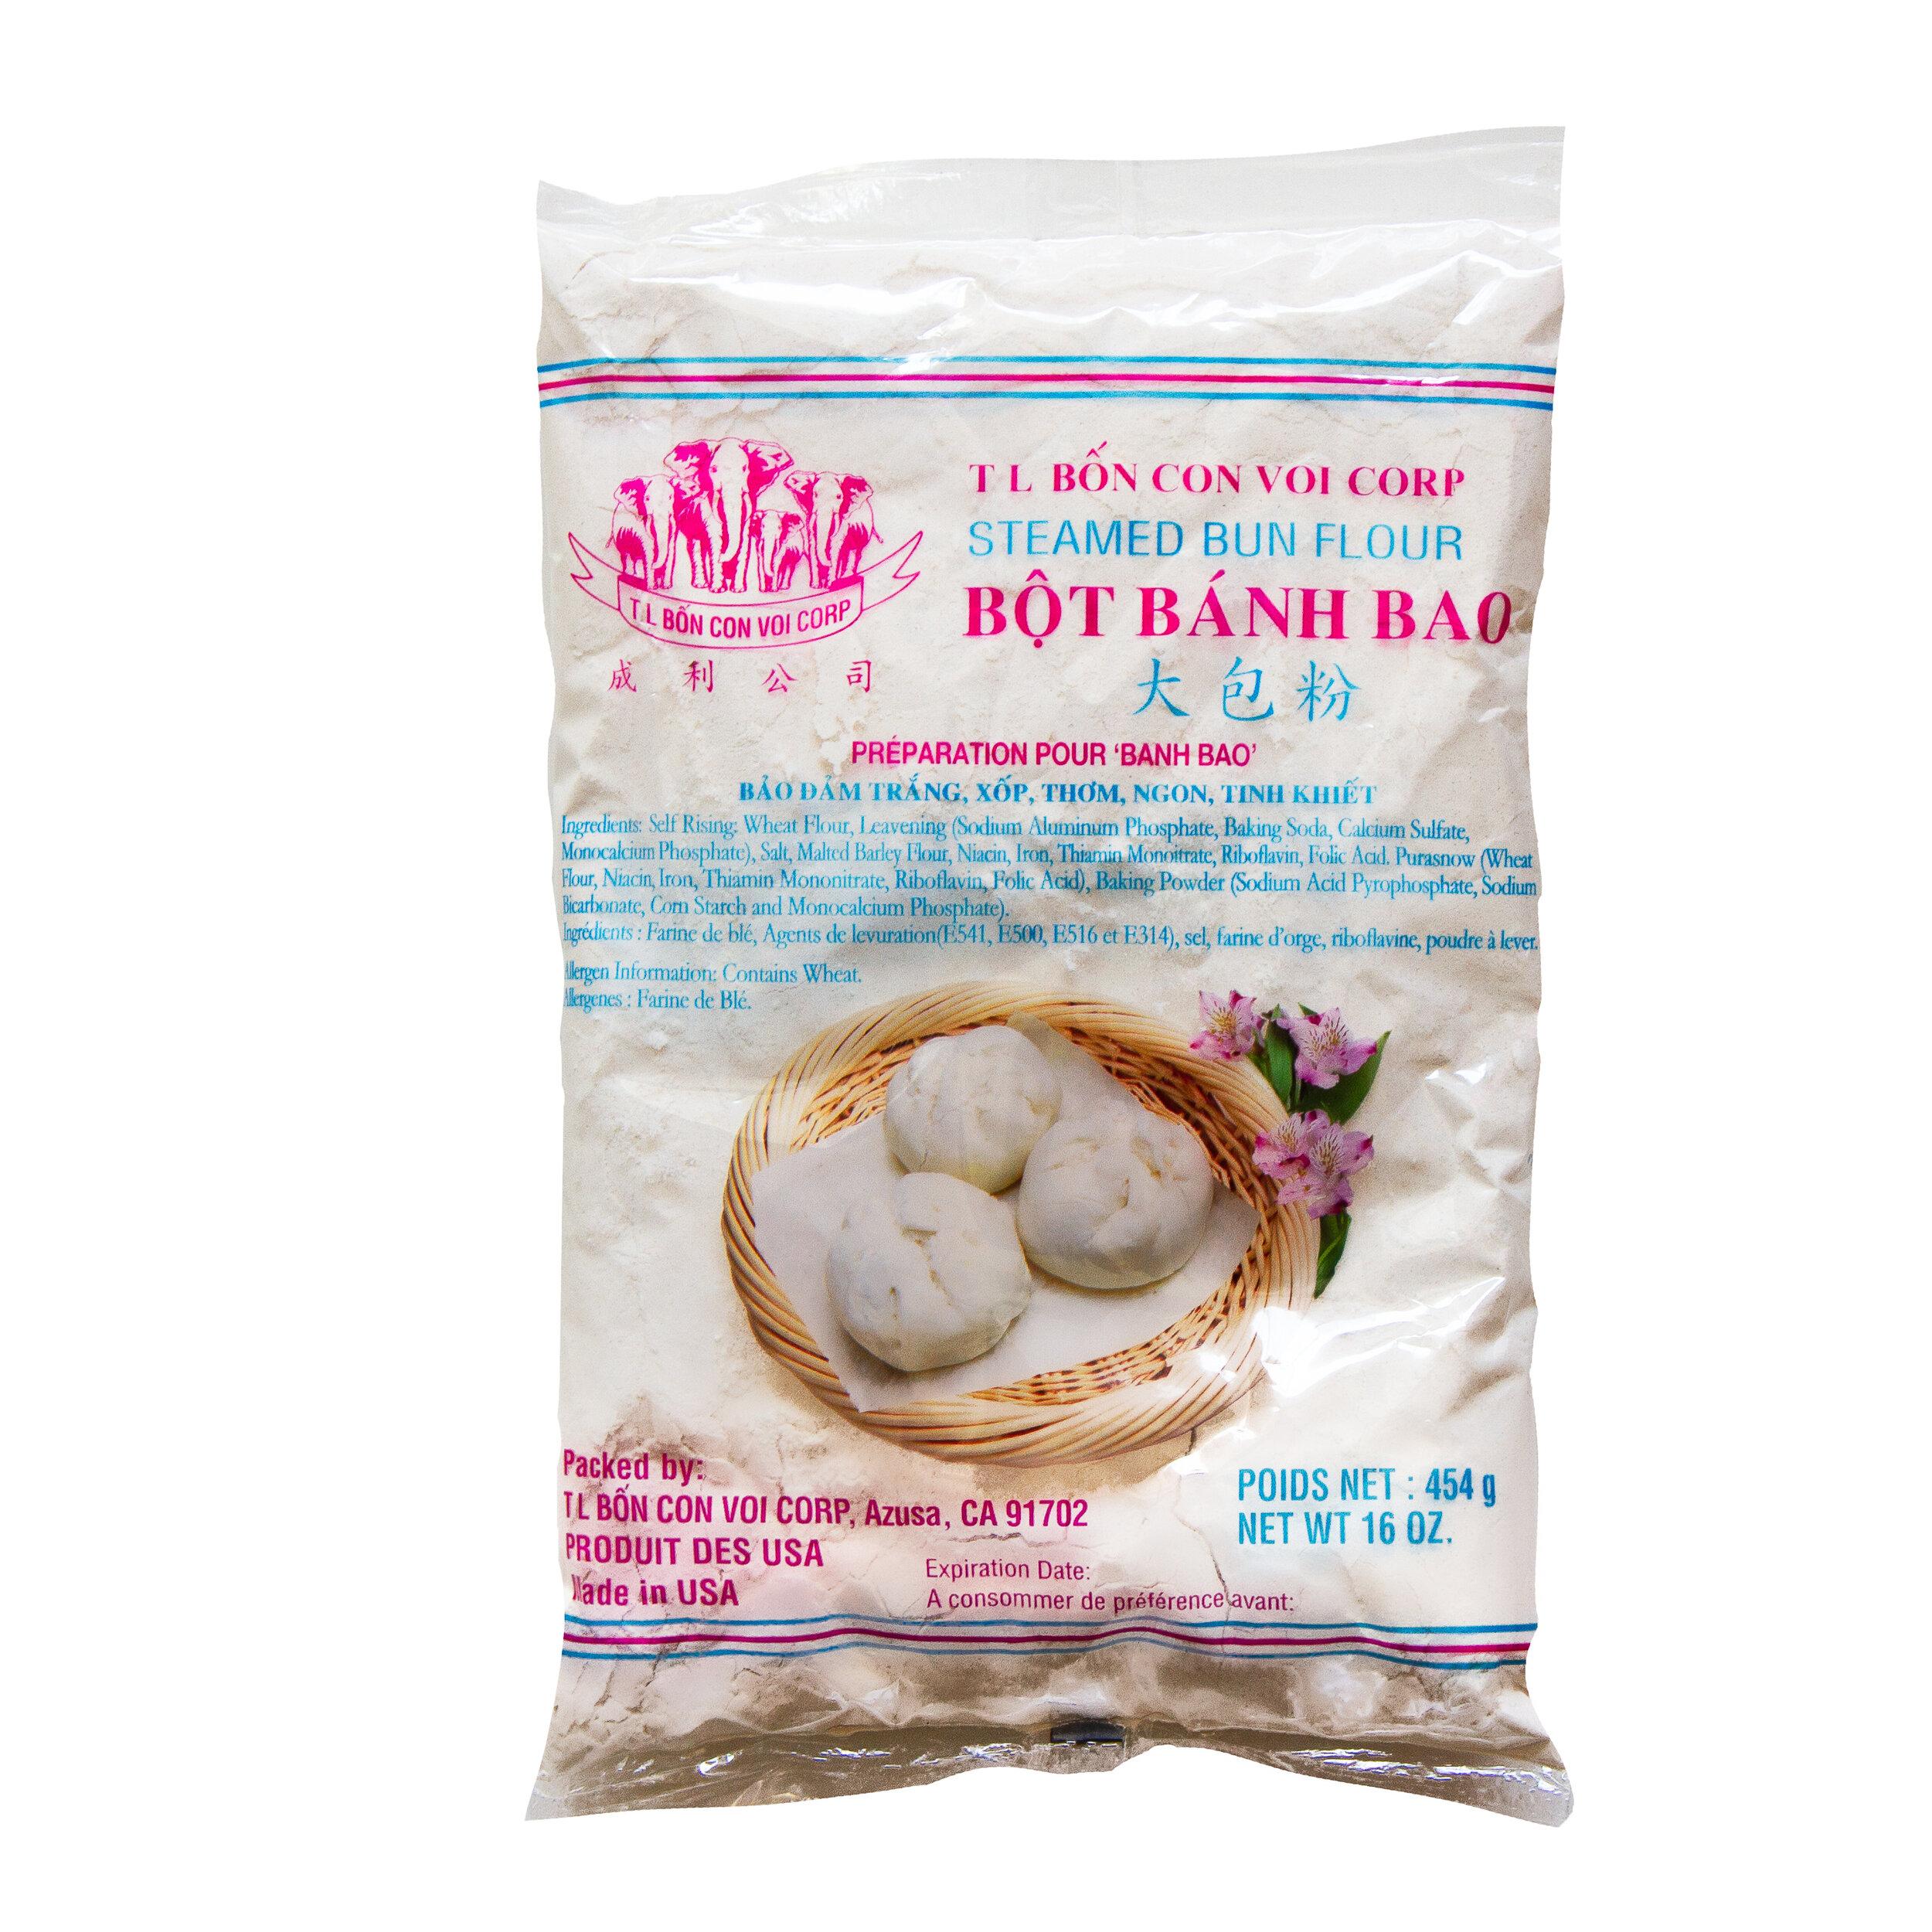 Steamed Pork Bun Flour Mix (Banh Bao)